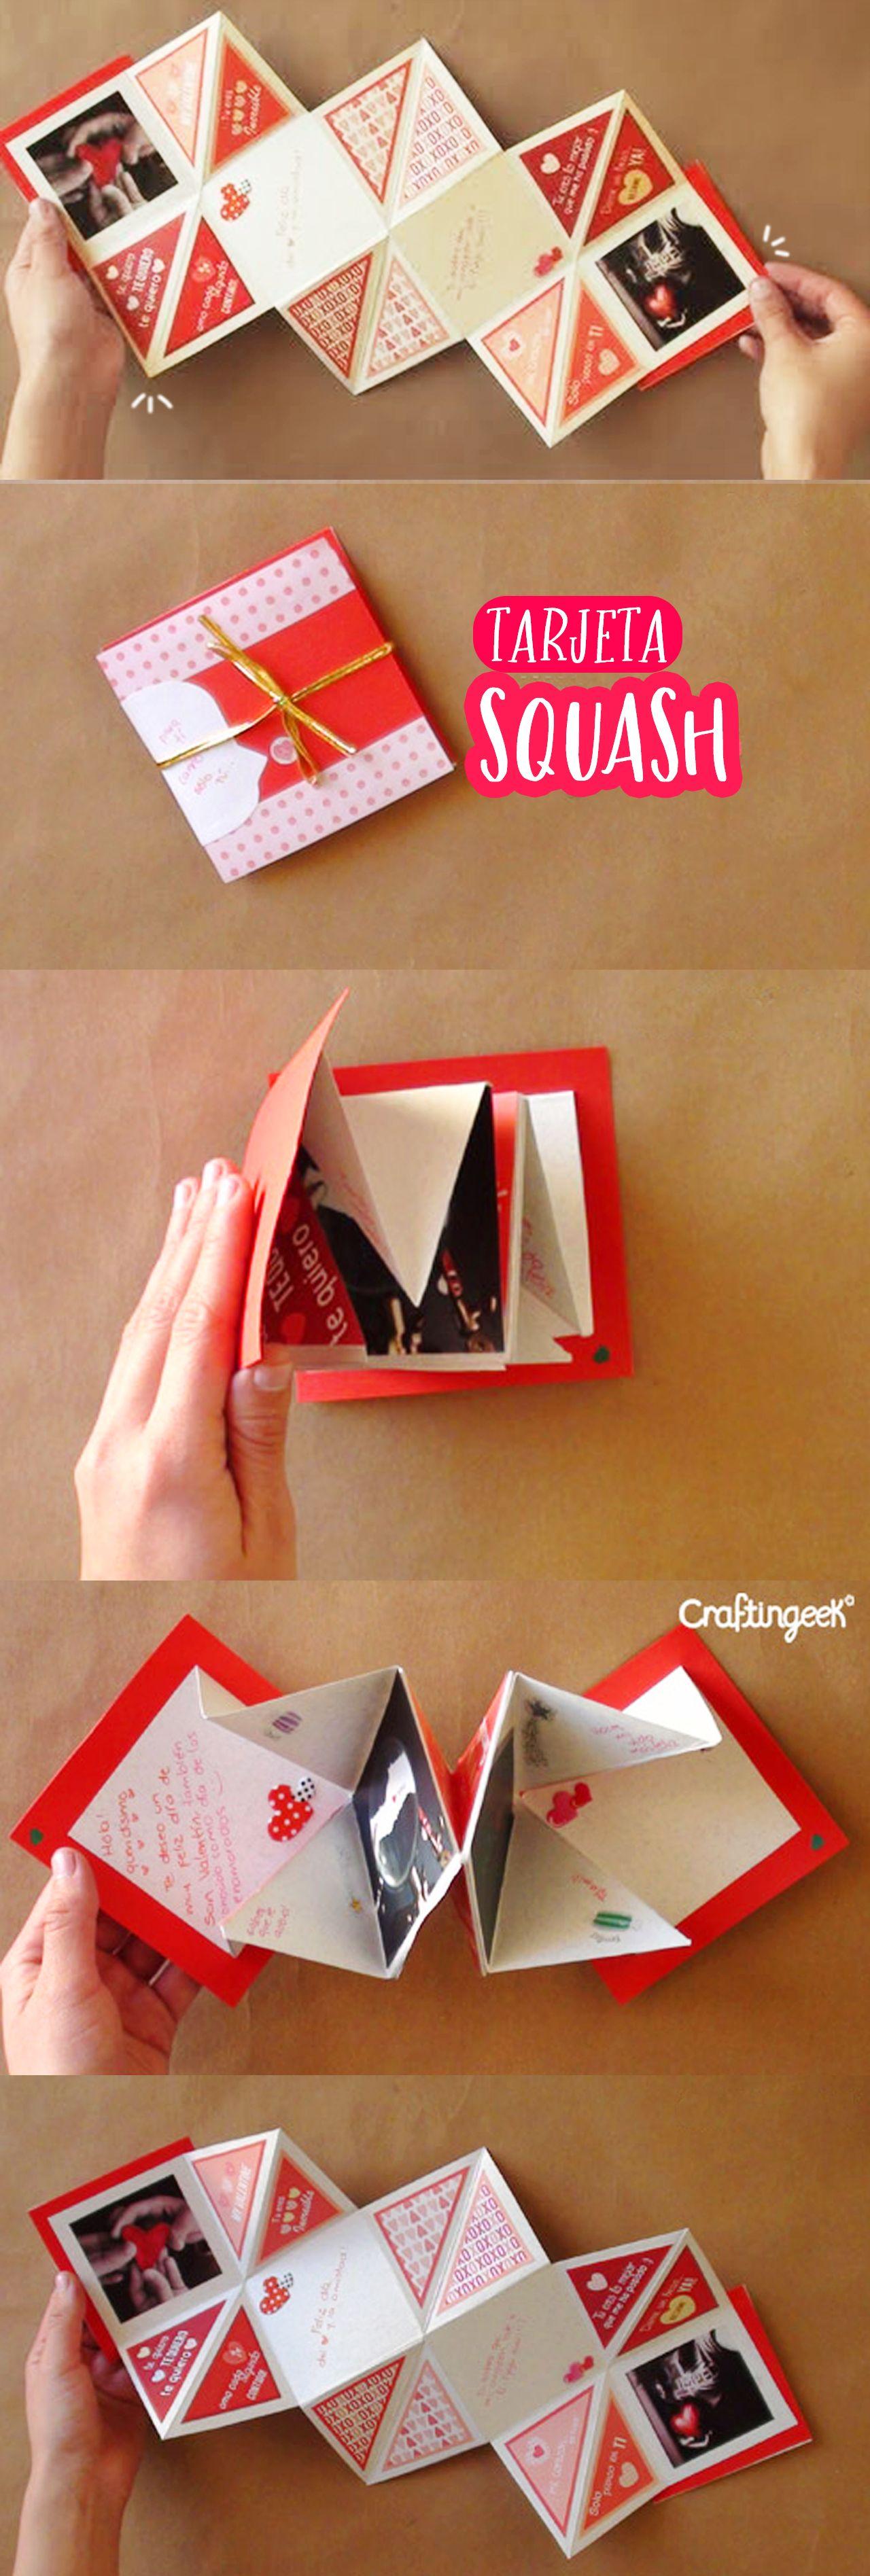 Te ense o c mo hacer paso paso una linda y f cil tarjeta - Como hacer tarjetas para regalar ...